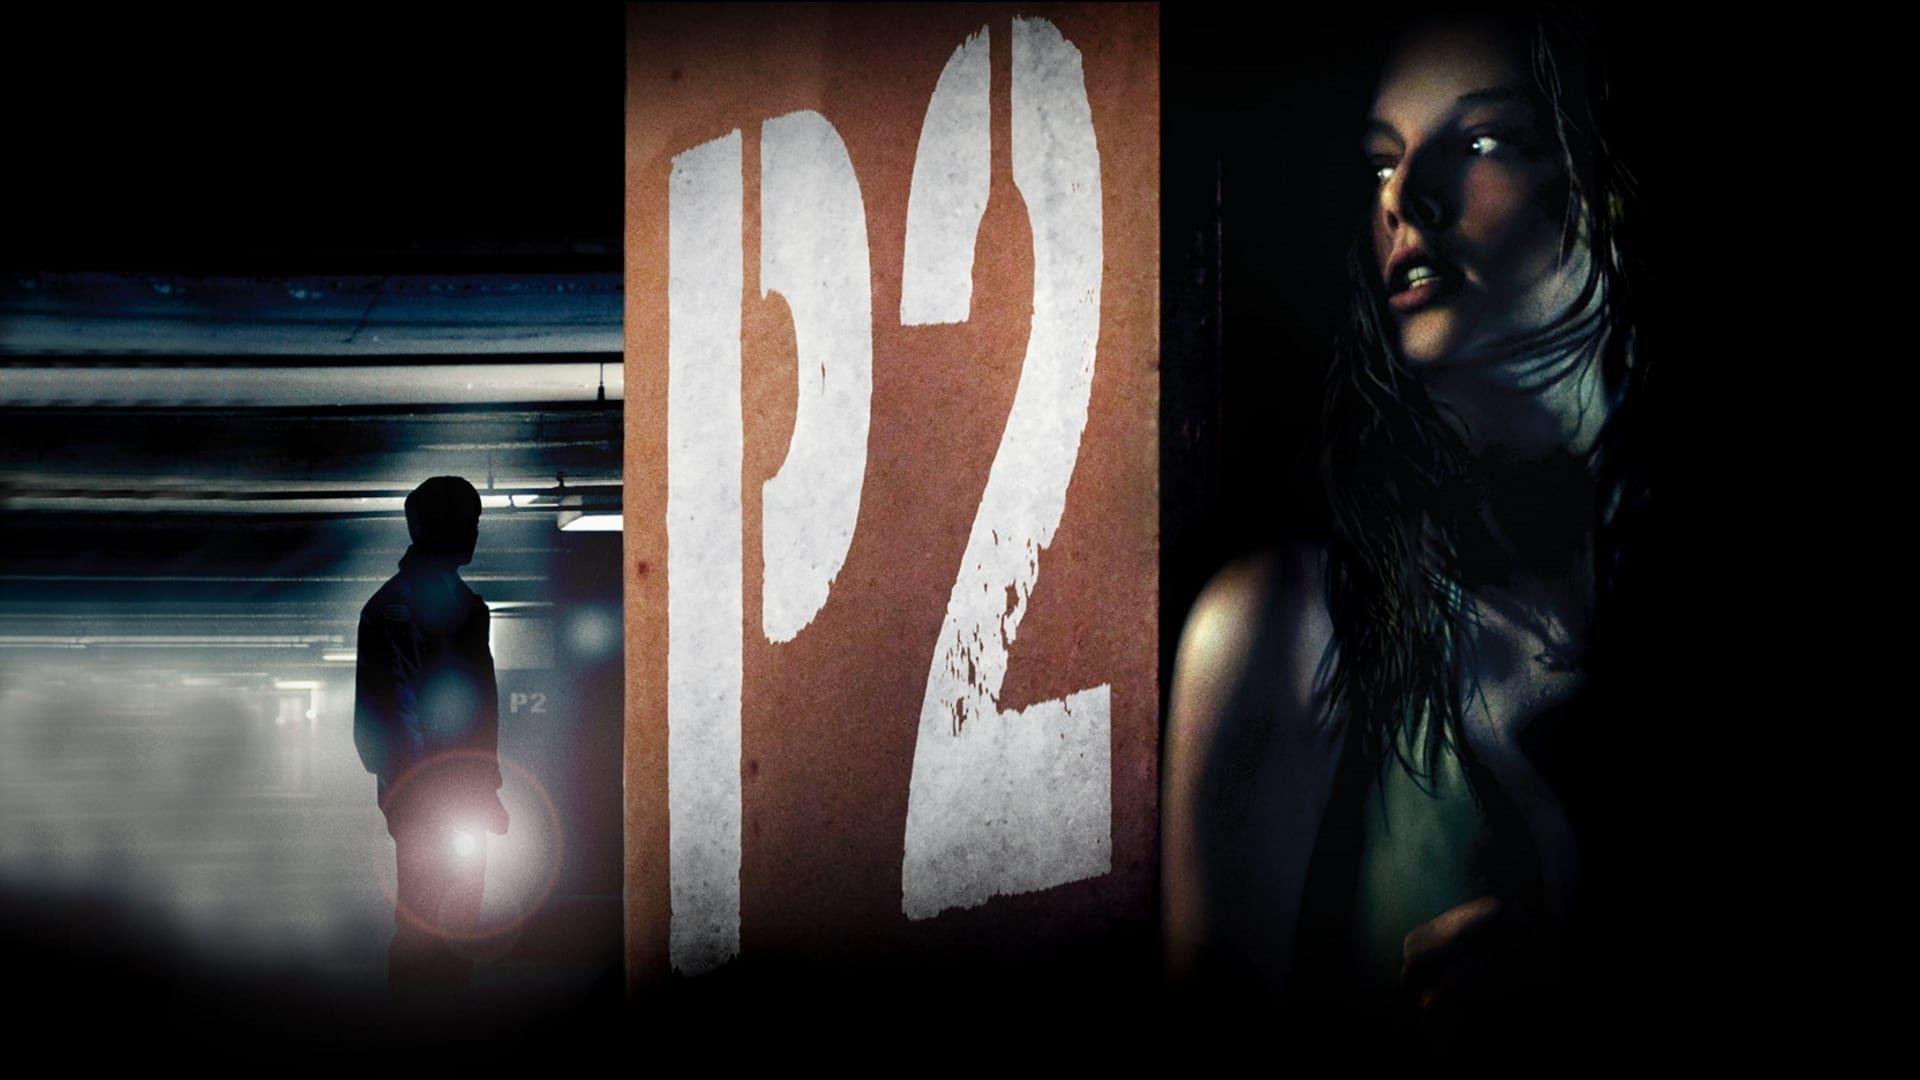 P2 A Retteges Uj Szintje 2007 Online Teljes Film Filmek Magyarul Letoltes Hd Szenteste Angela Maradt U Free Movies Online Full Movies Online Free Full Movies